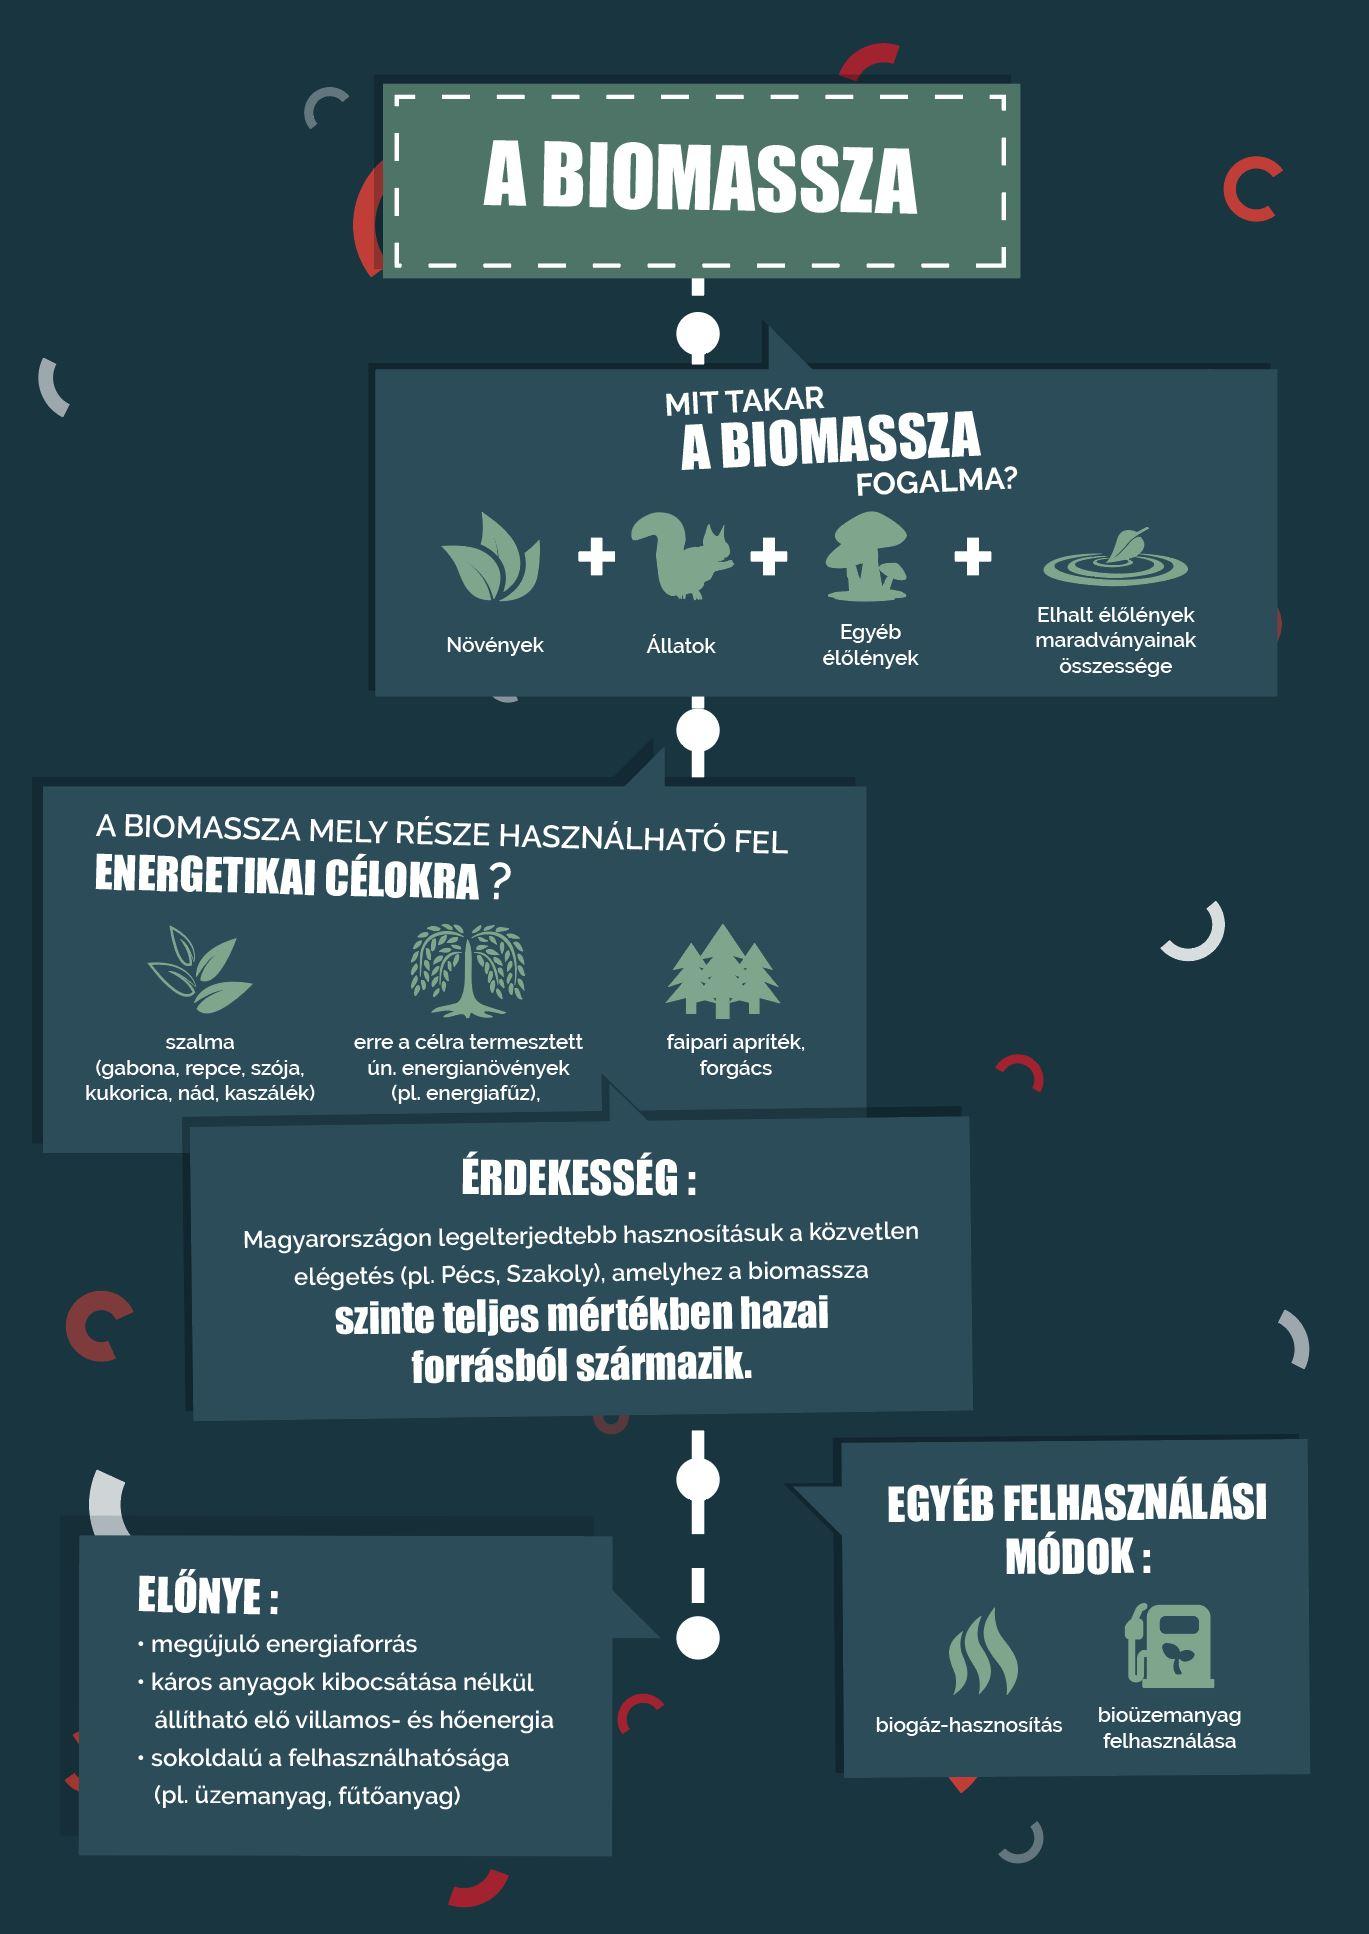 Mit takar a biomassza fogalma?